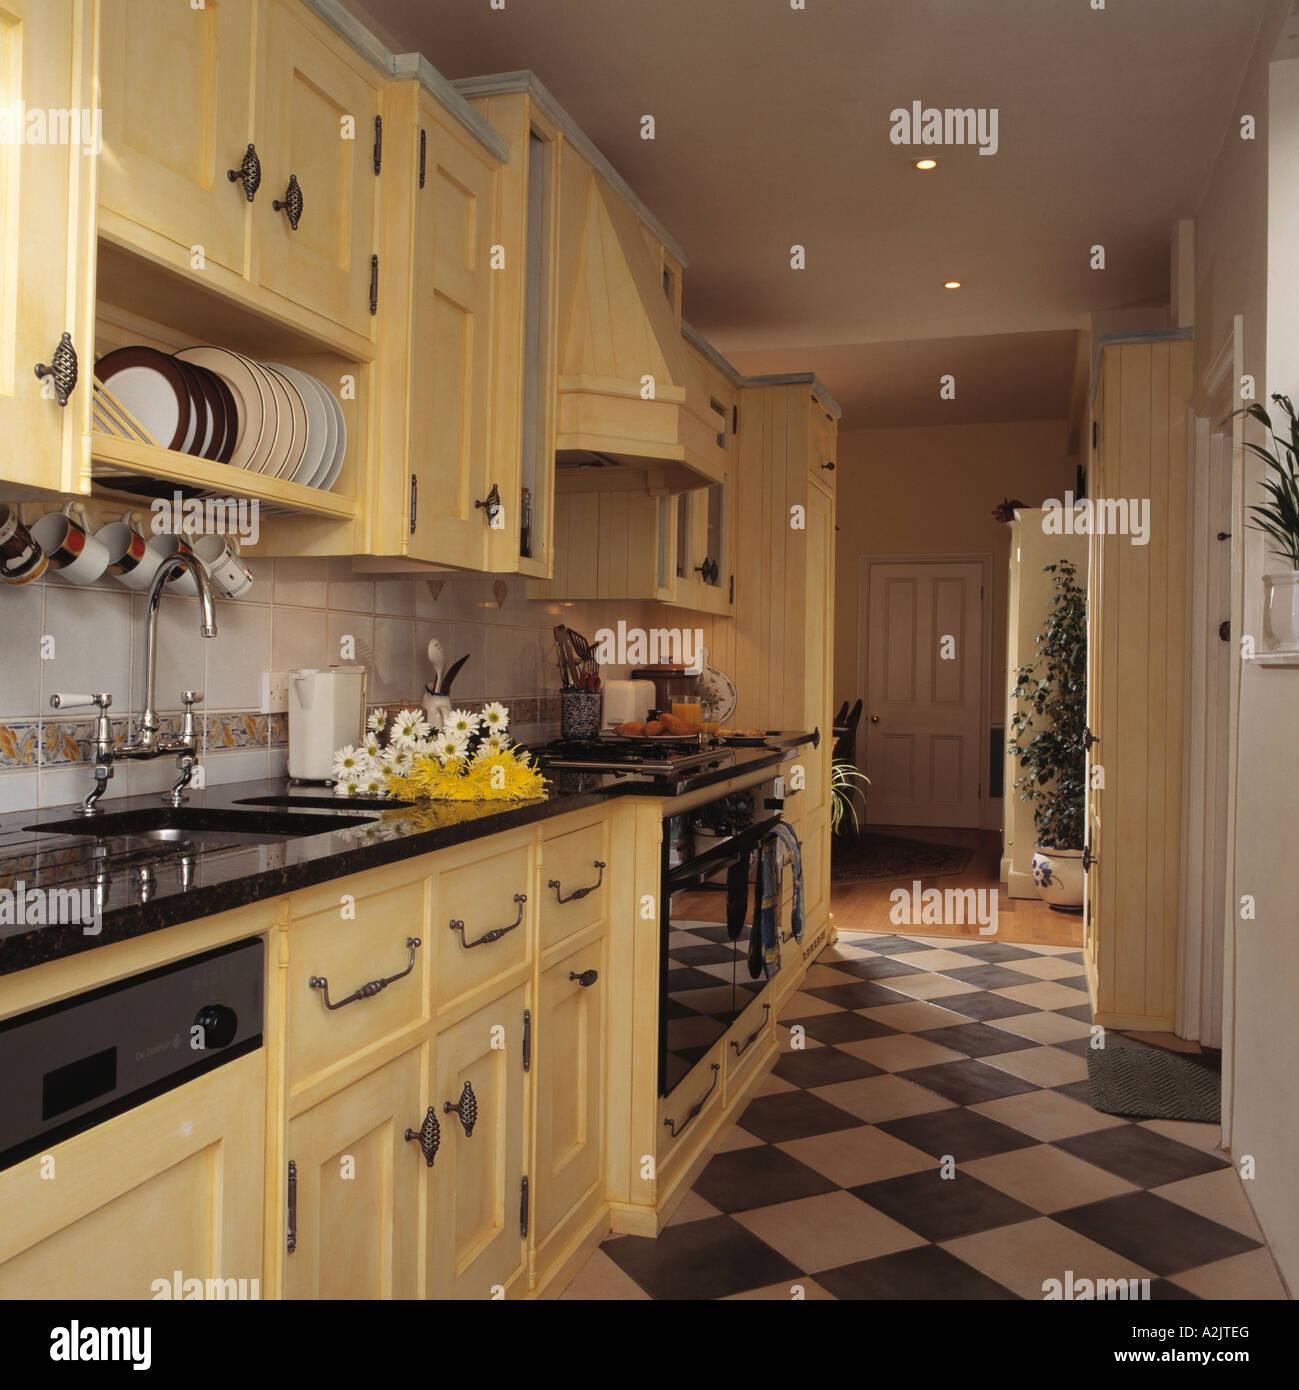 Amüsant Bodenbelag Küche Das Beste Von Schwarz / Weiß-bodenbelag In Creme Küche